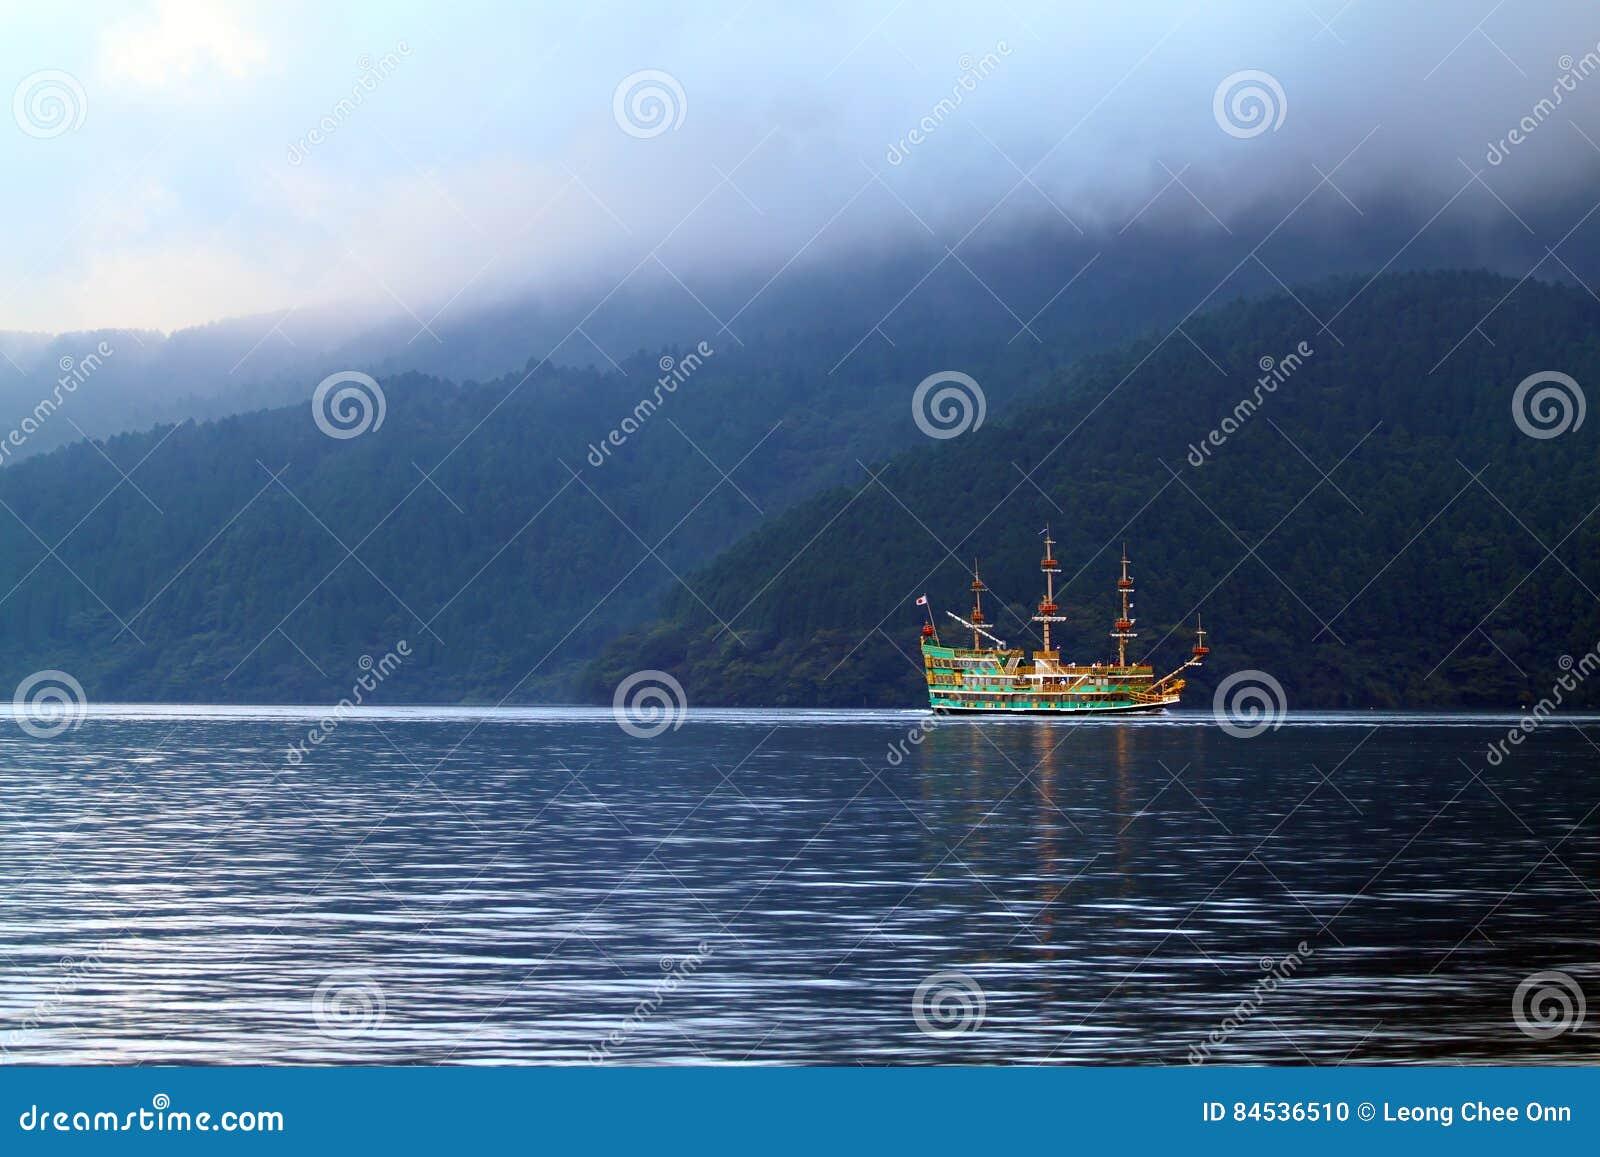 Stock image of Lake Hakone, Japan